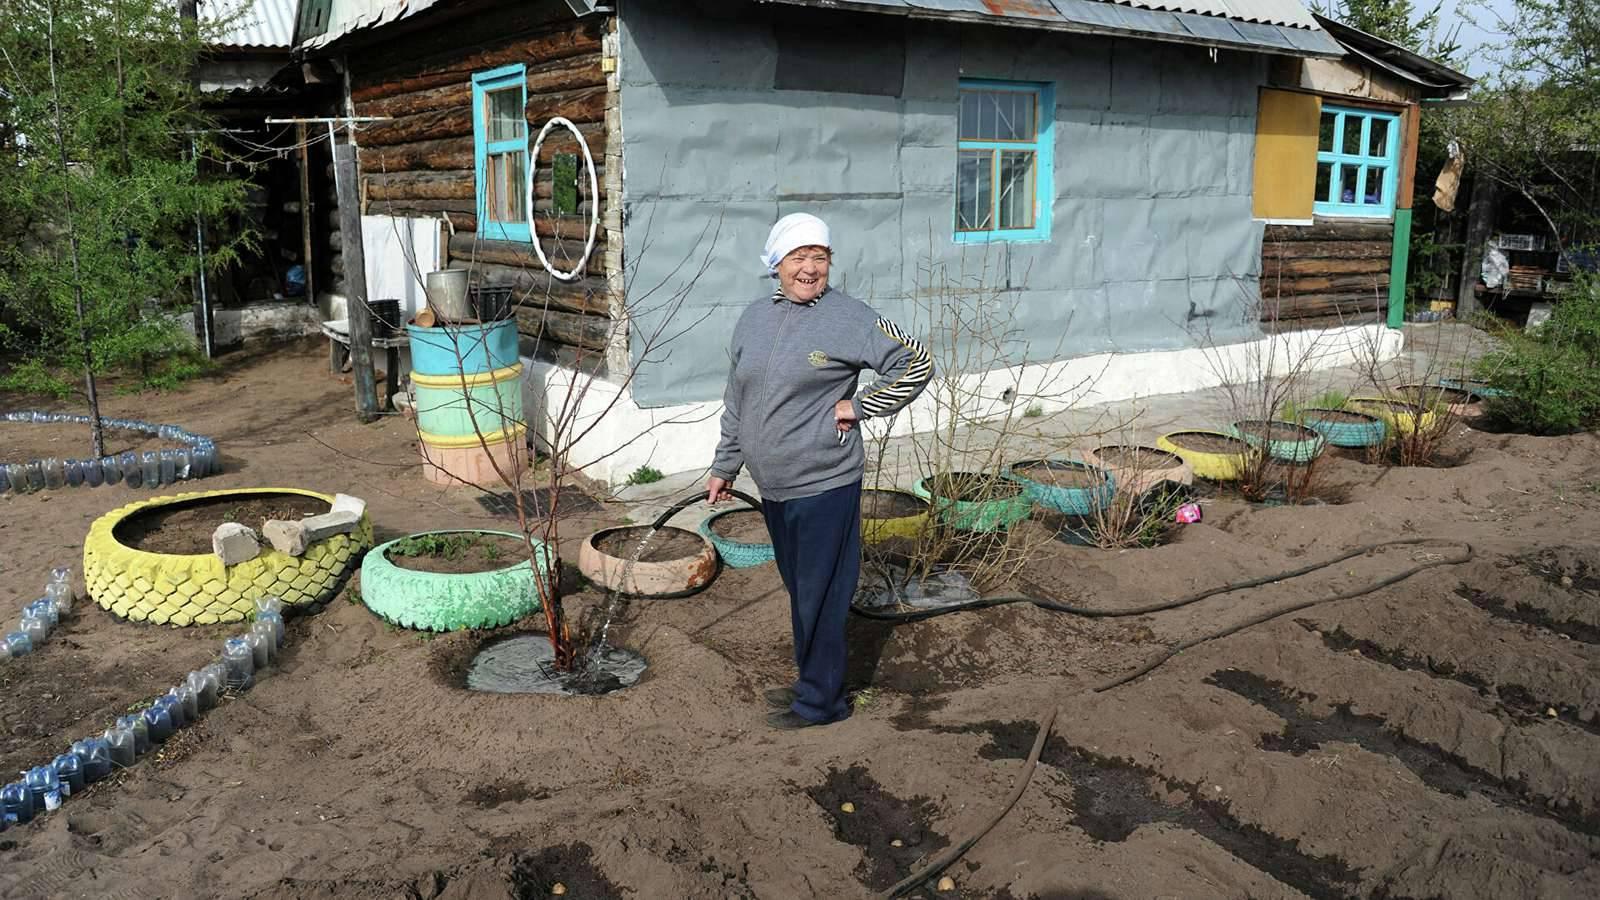 Подмосковным пенсионерам помогут убраться дома и на участках в рамках акции «Декада милосердия»   Изображение 1